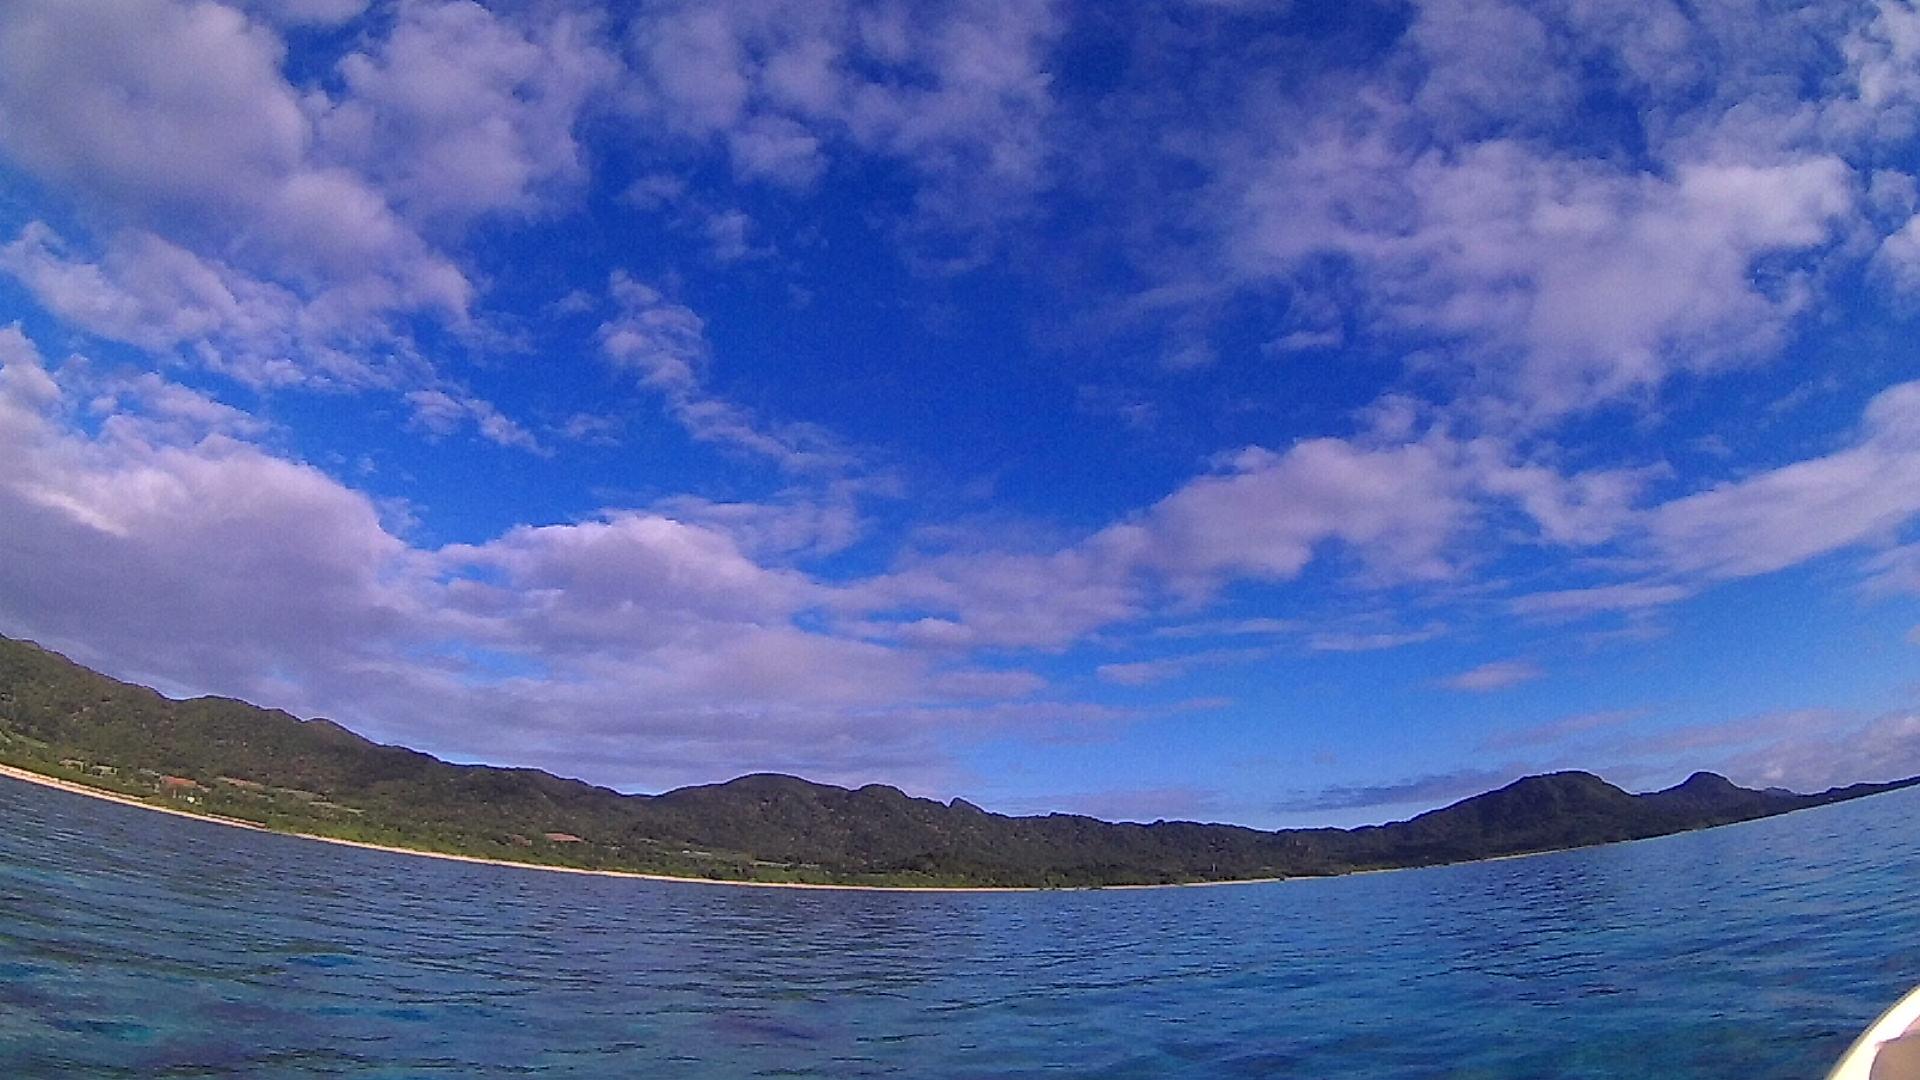 やっと晴れ間の登場の石垣島です。